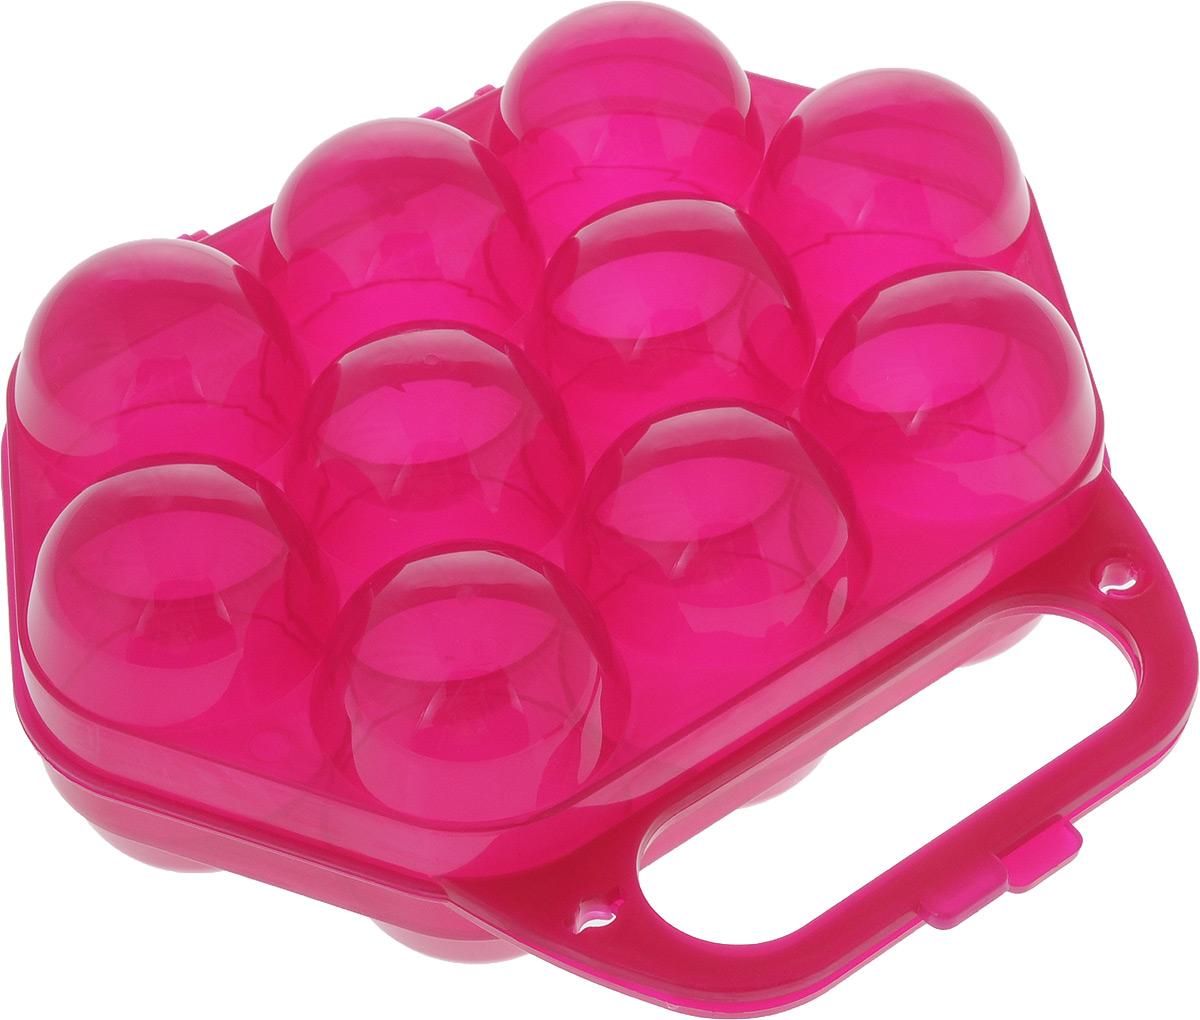 Контейнер для яиц Idea на 10 шт.М 1210_фуксияКонтейнер для яиц Idea изготовленный из пищевого пластика, выполнен в виде чемоданчика и снабжен специальными ячейками для 10 яиц. Надежный защелкивающийся замок предотвратит случайное раскрытие контейнера. Изделие не занимает много места, что очень удобно при транспортировке и хранении.